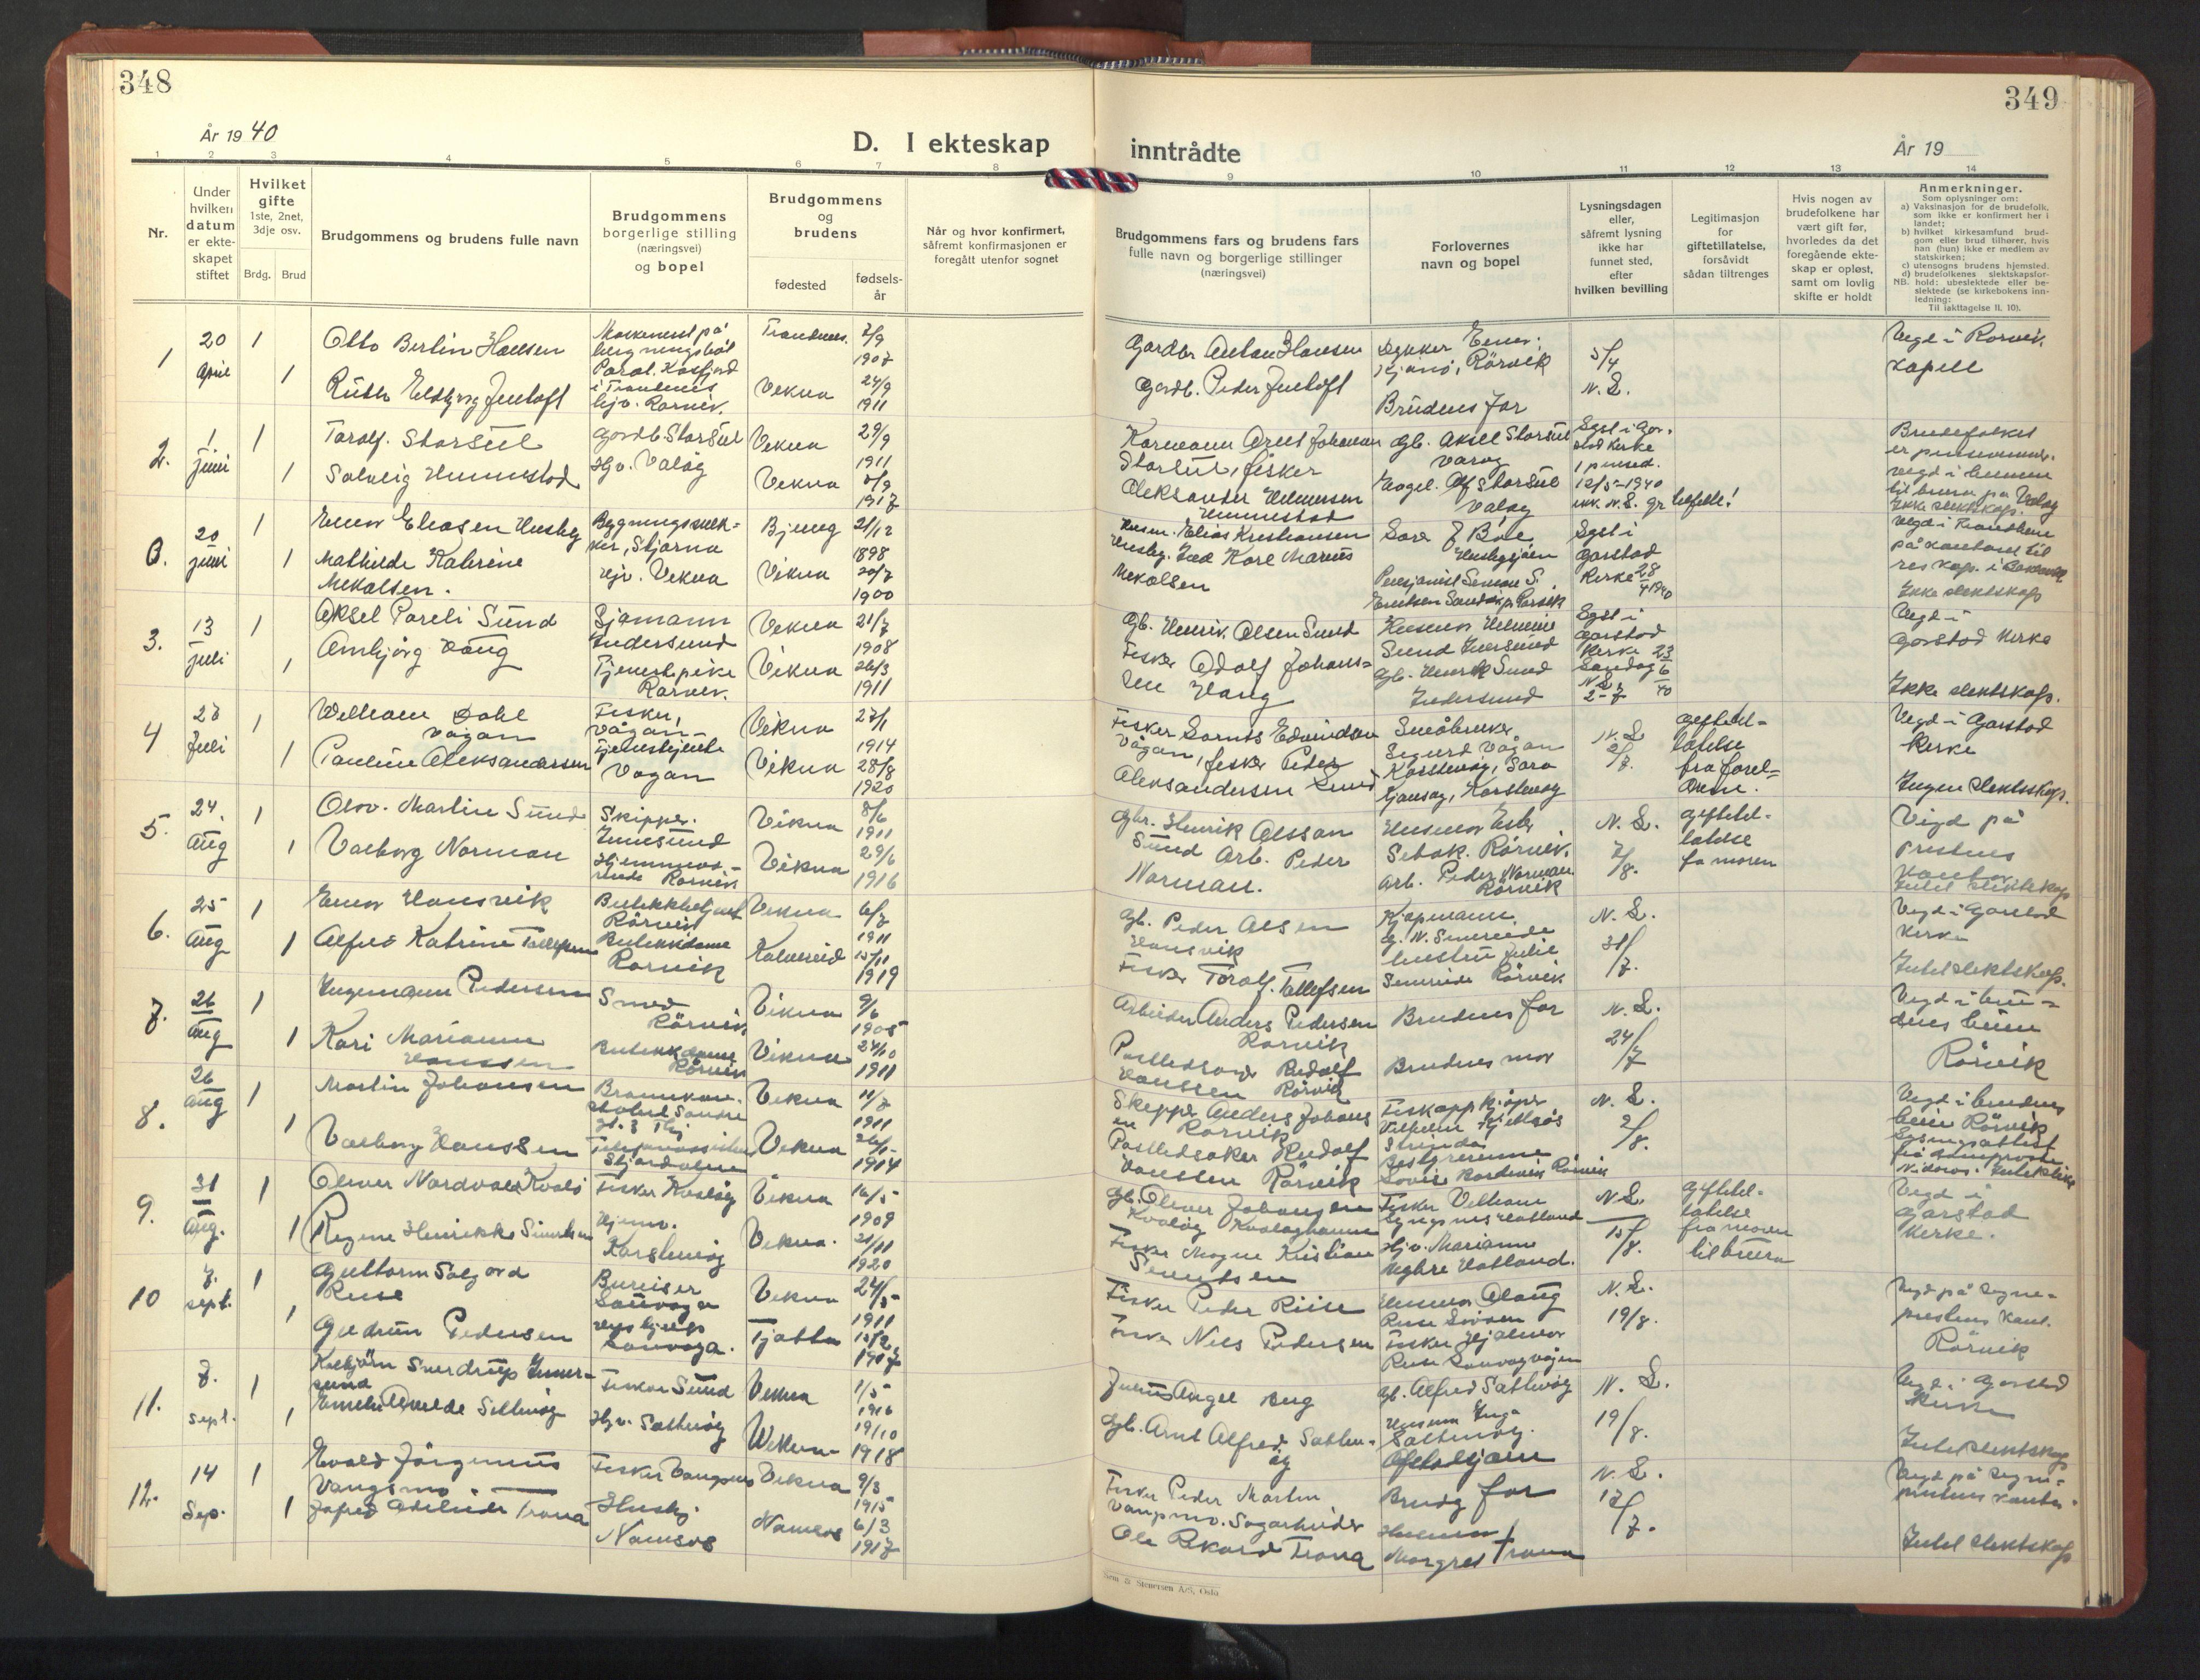 SAT, Ministerialprotokoller, klokkerbøker og fødselsregistre - Nord-Trøndelag, 786/L0689: Klokkerbok nr. 786C01, 1940-1948, s. 348-349